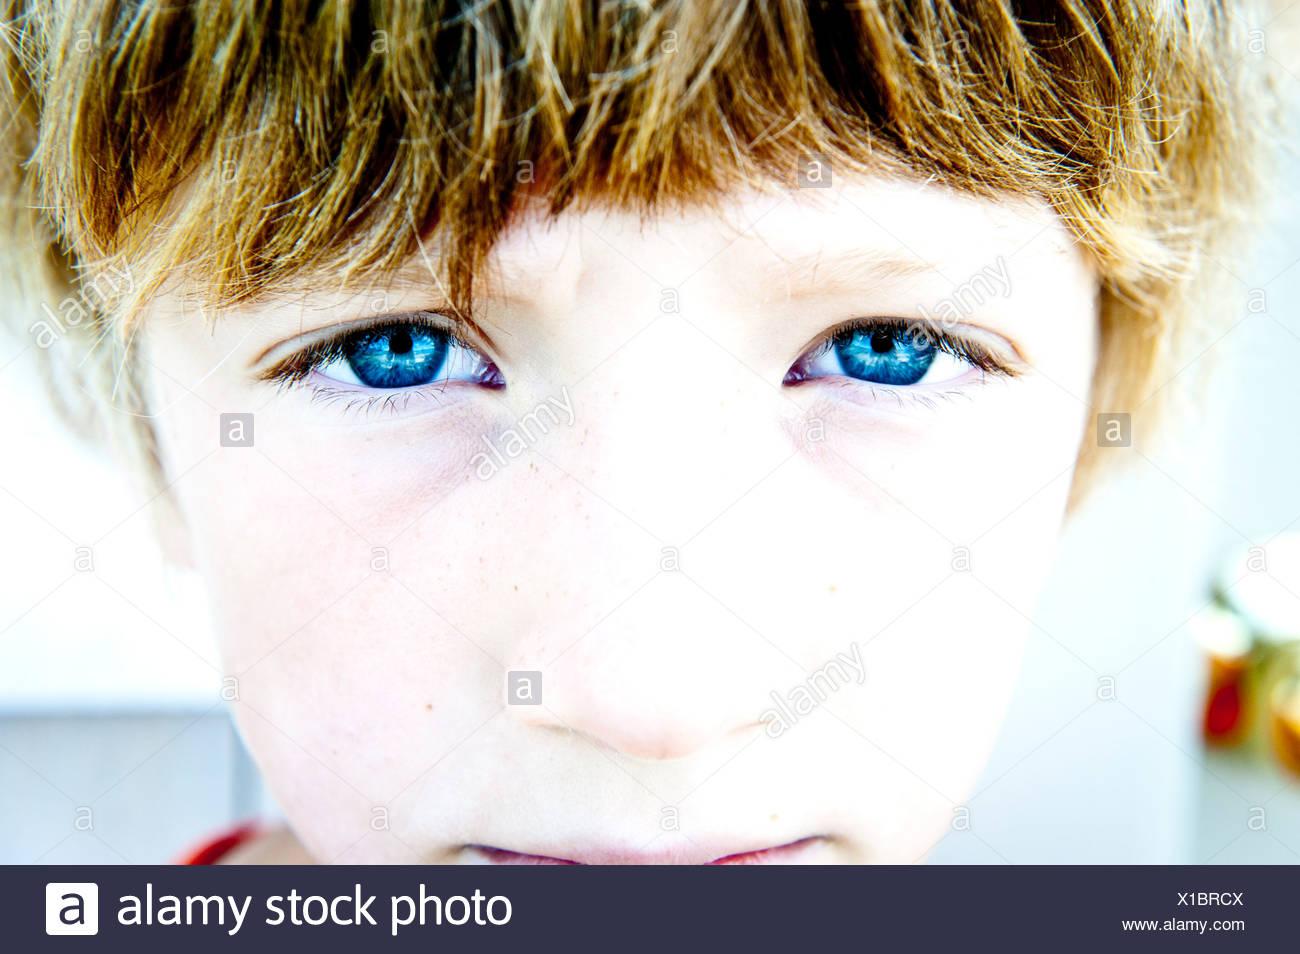 Une paire de yeux bleus regardant la caméra Photo Stock